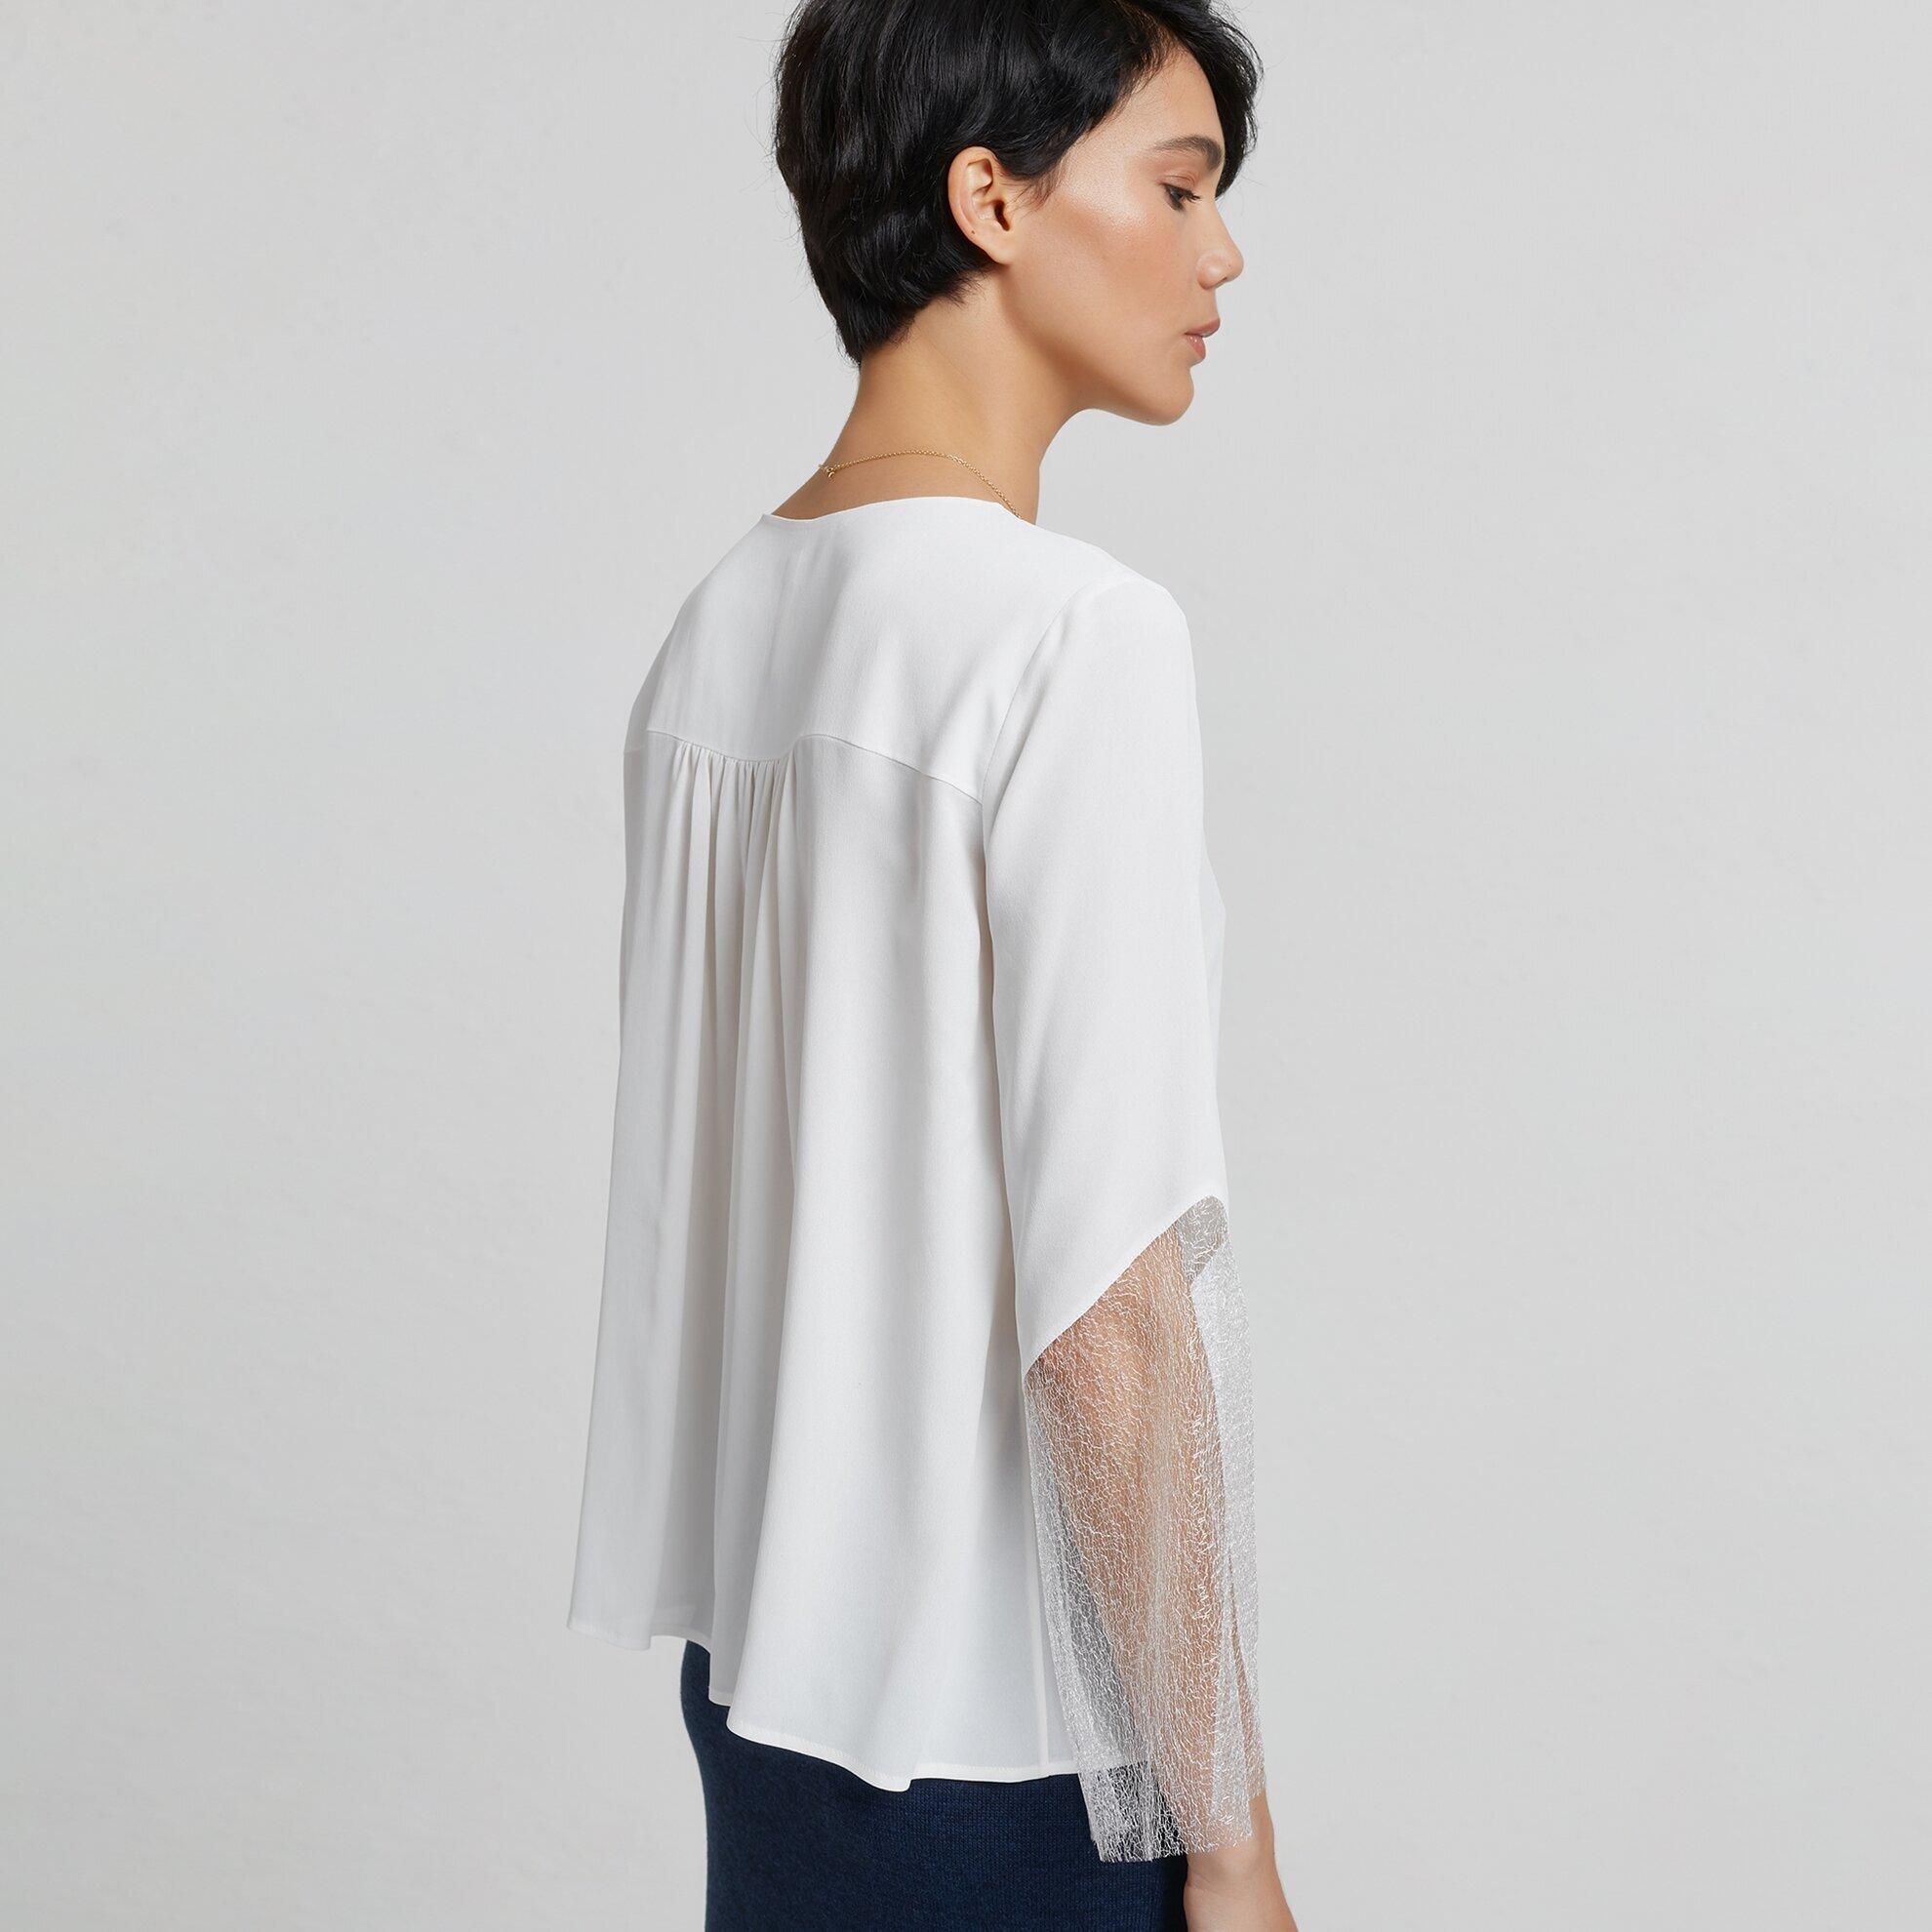 Damen Hemd mit Spitzendetail